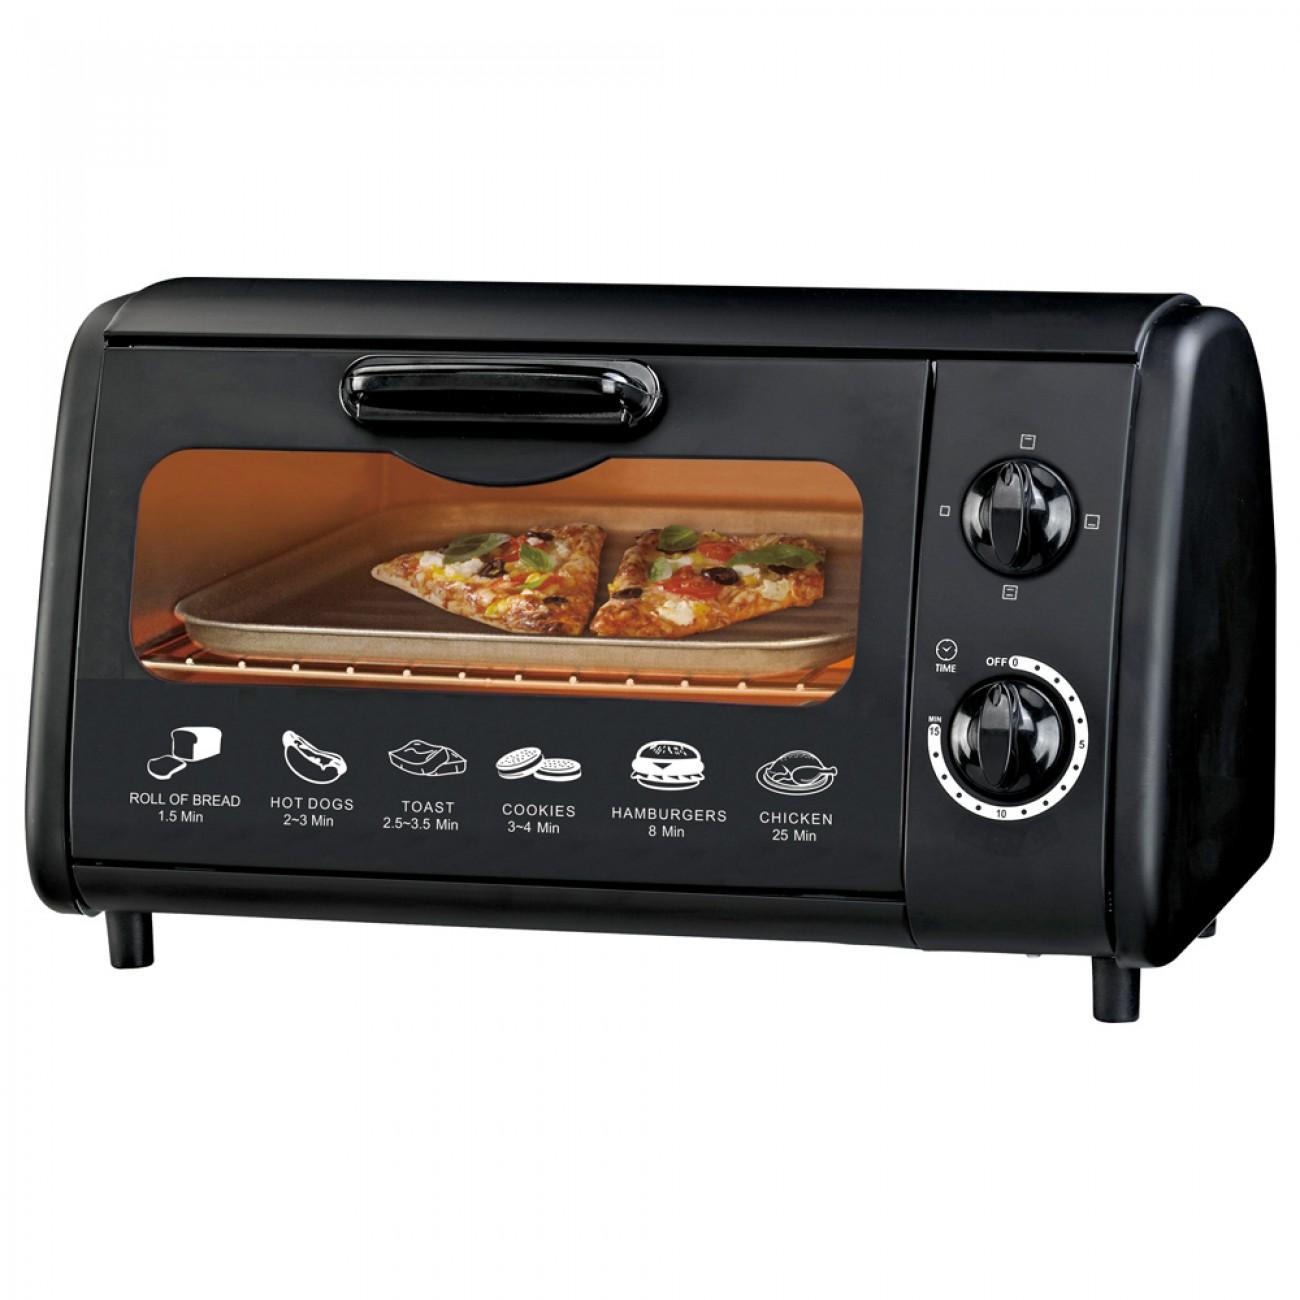 Тостер за сандвичи - фурна SAPIR SP 1441 P, 600W, 9 литра, Таймер, Тавичка, Черен в Електрически фурни - SAPIR | Alleop